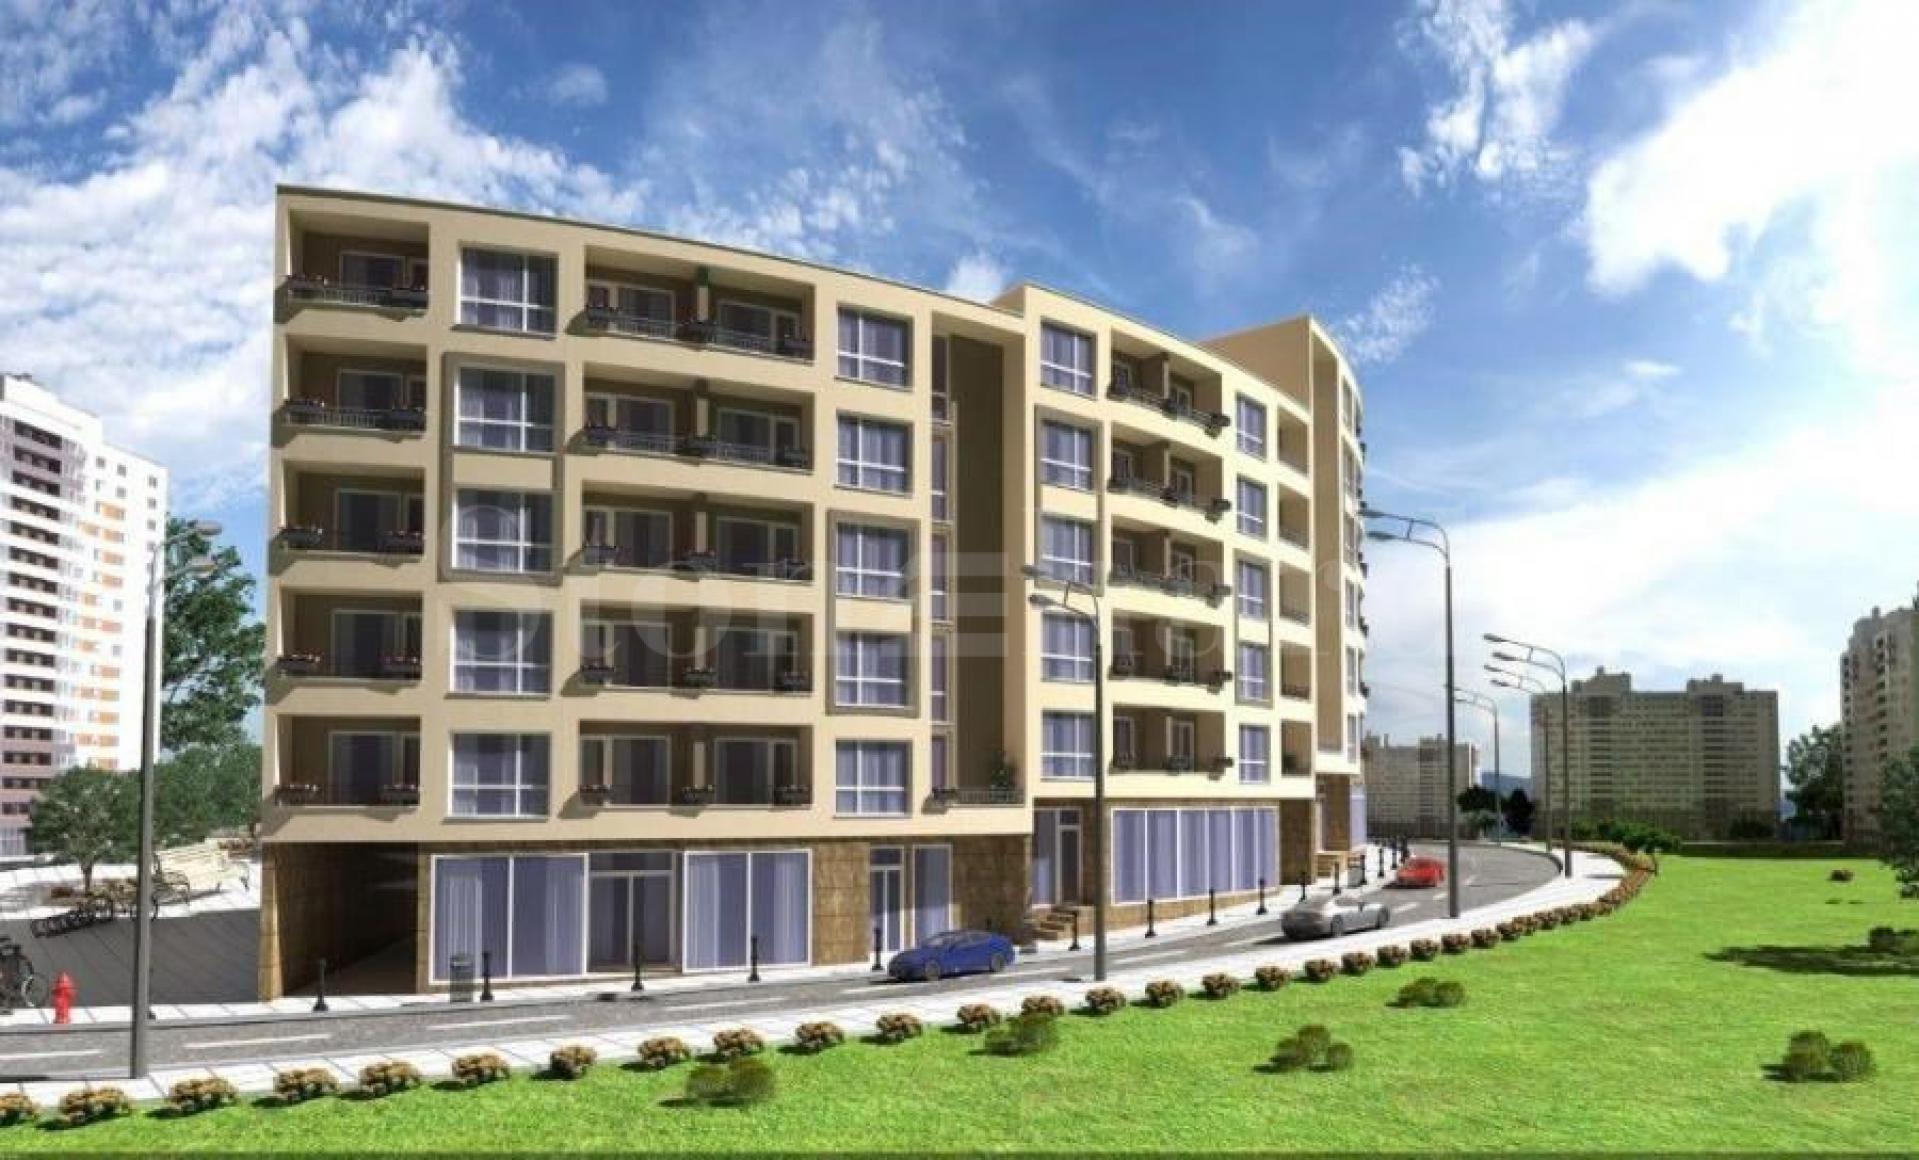 Апартаменти и търговски имоти до главна улица2 - Stonehard